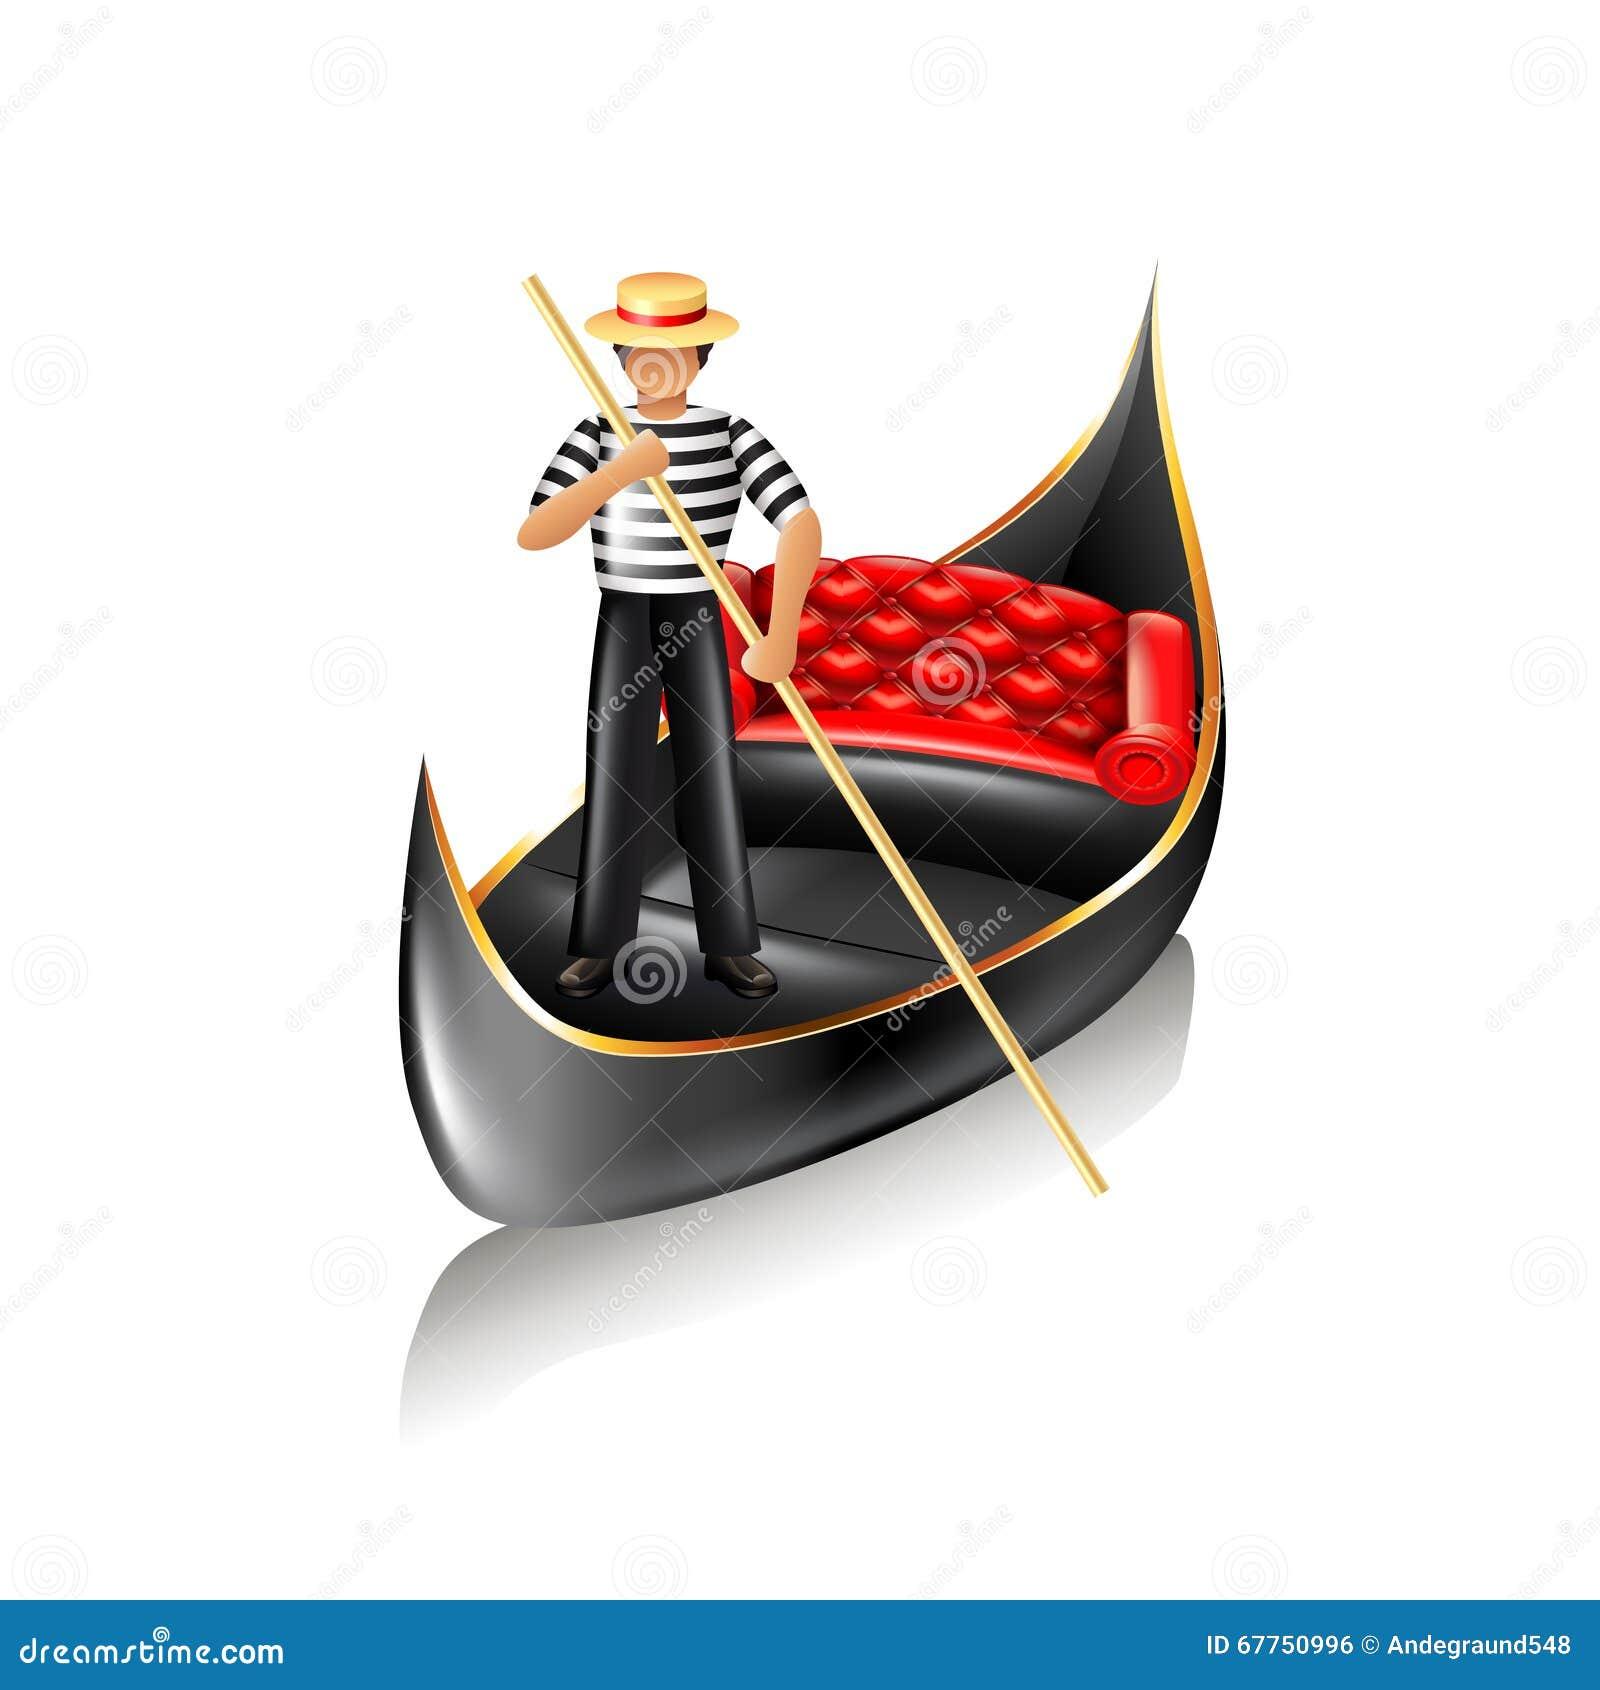 Venice gondola vector stock vector. Illustration of rudder - 67750996